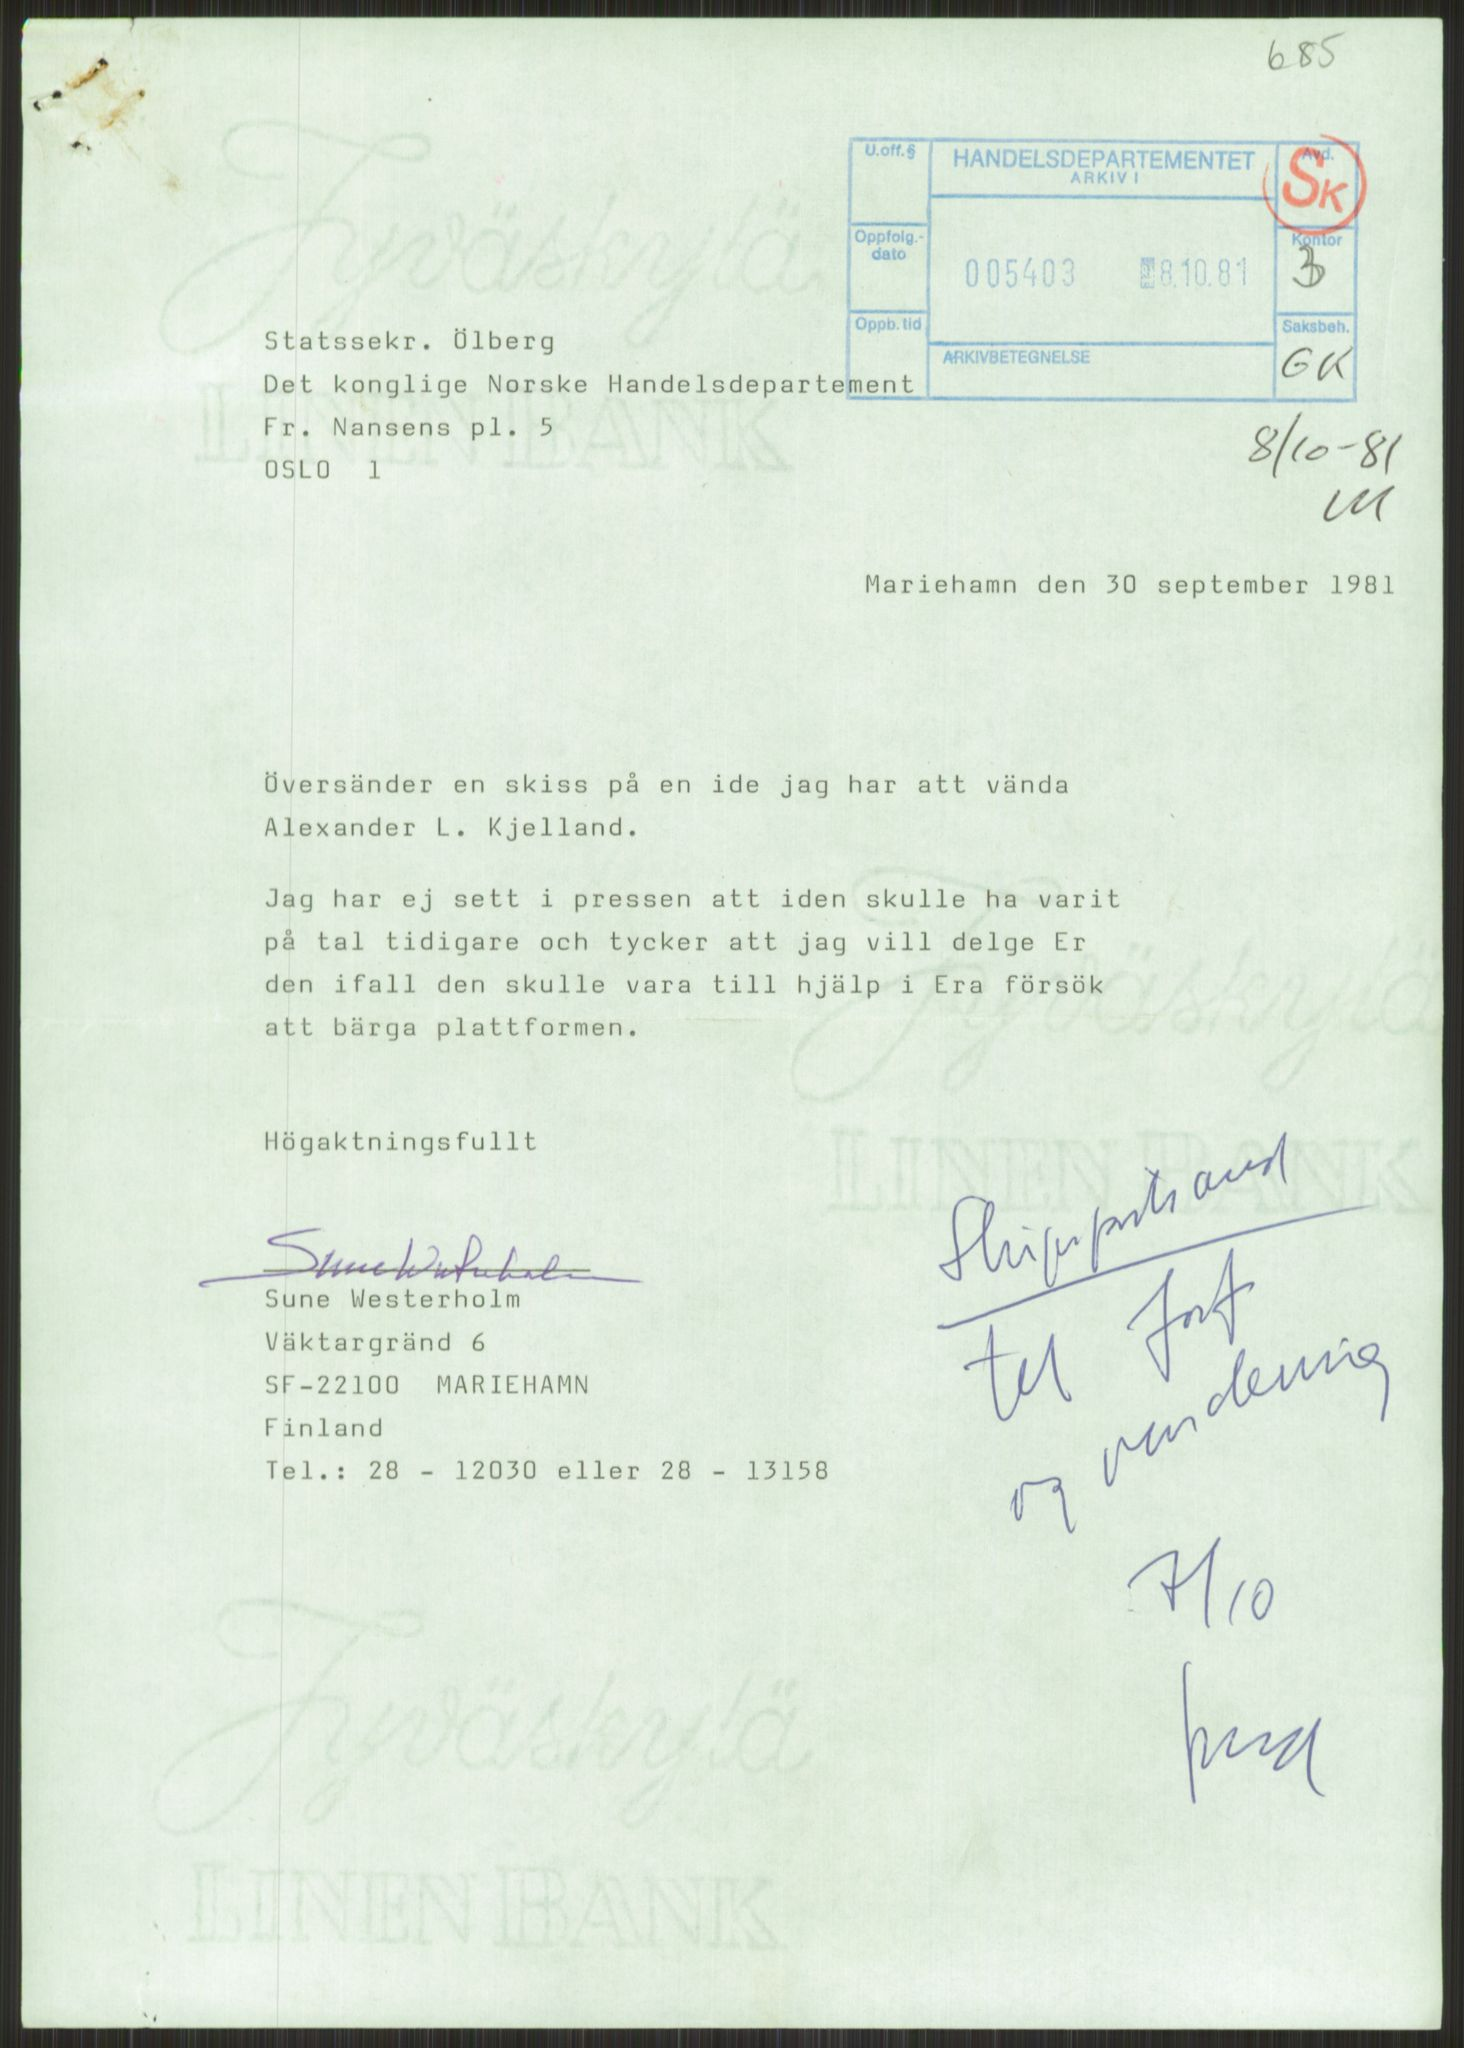 RA, Handelsdepartementet, Skipsfartsavdelingen, D/De/L0501: Skipsfart. Andre spørsmål, 1981